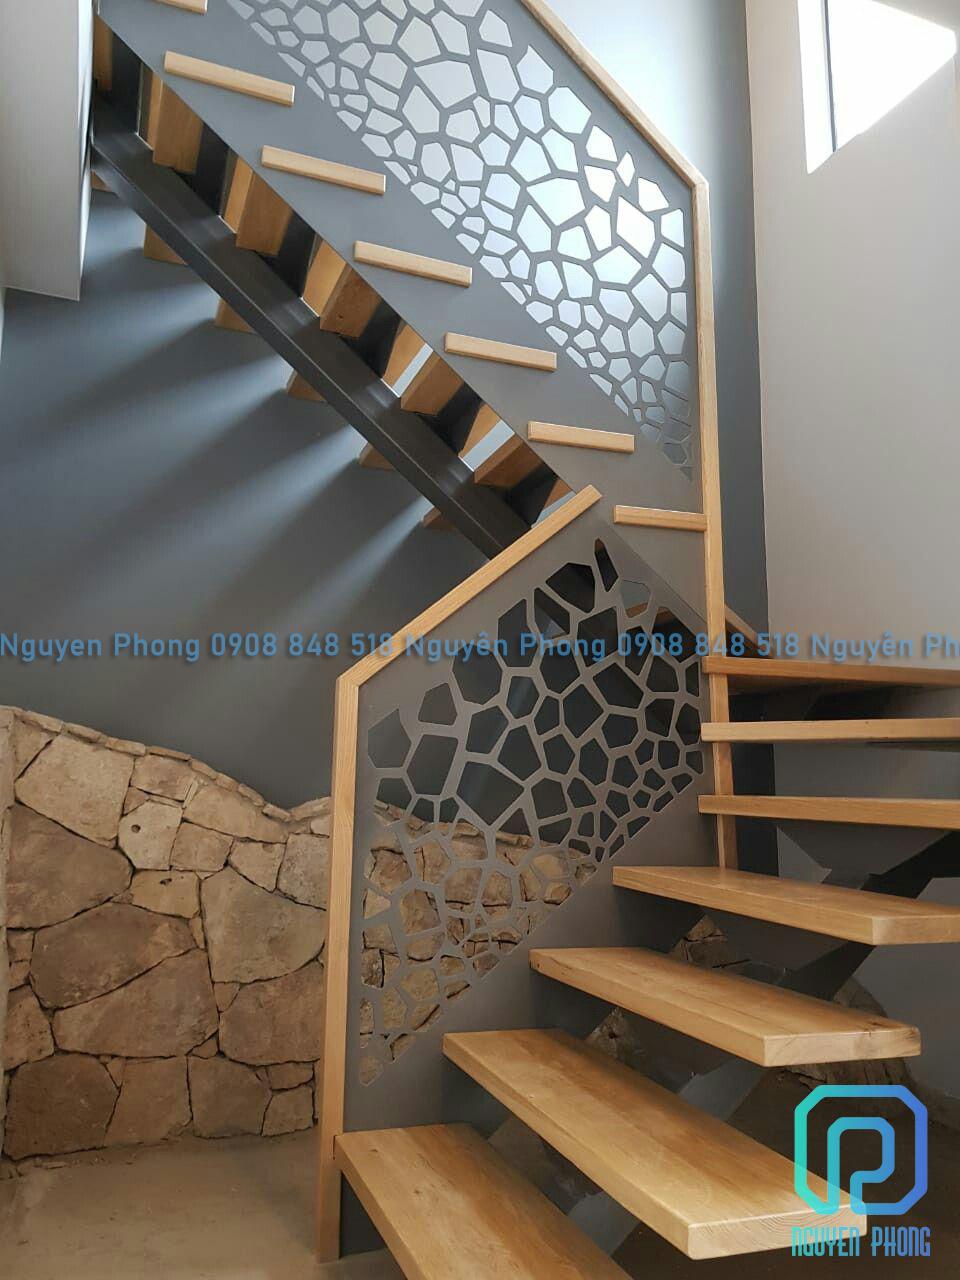 Mẫu cầu thang sắt cắt hoa văn CNC nghệ thuật độc lạ, kiến trúc nhà đẹp 2020